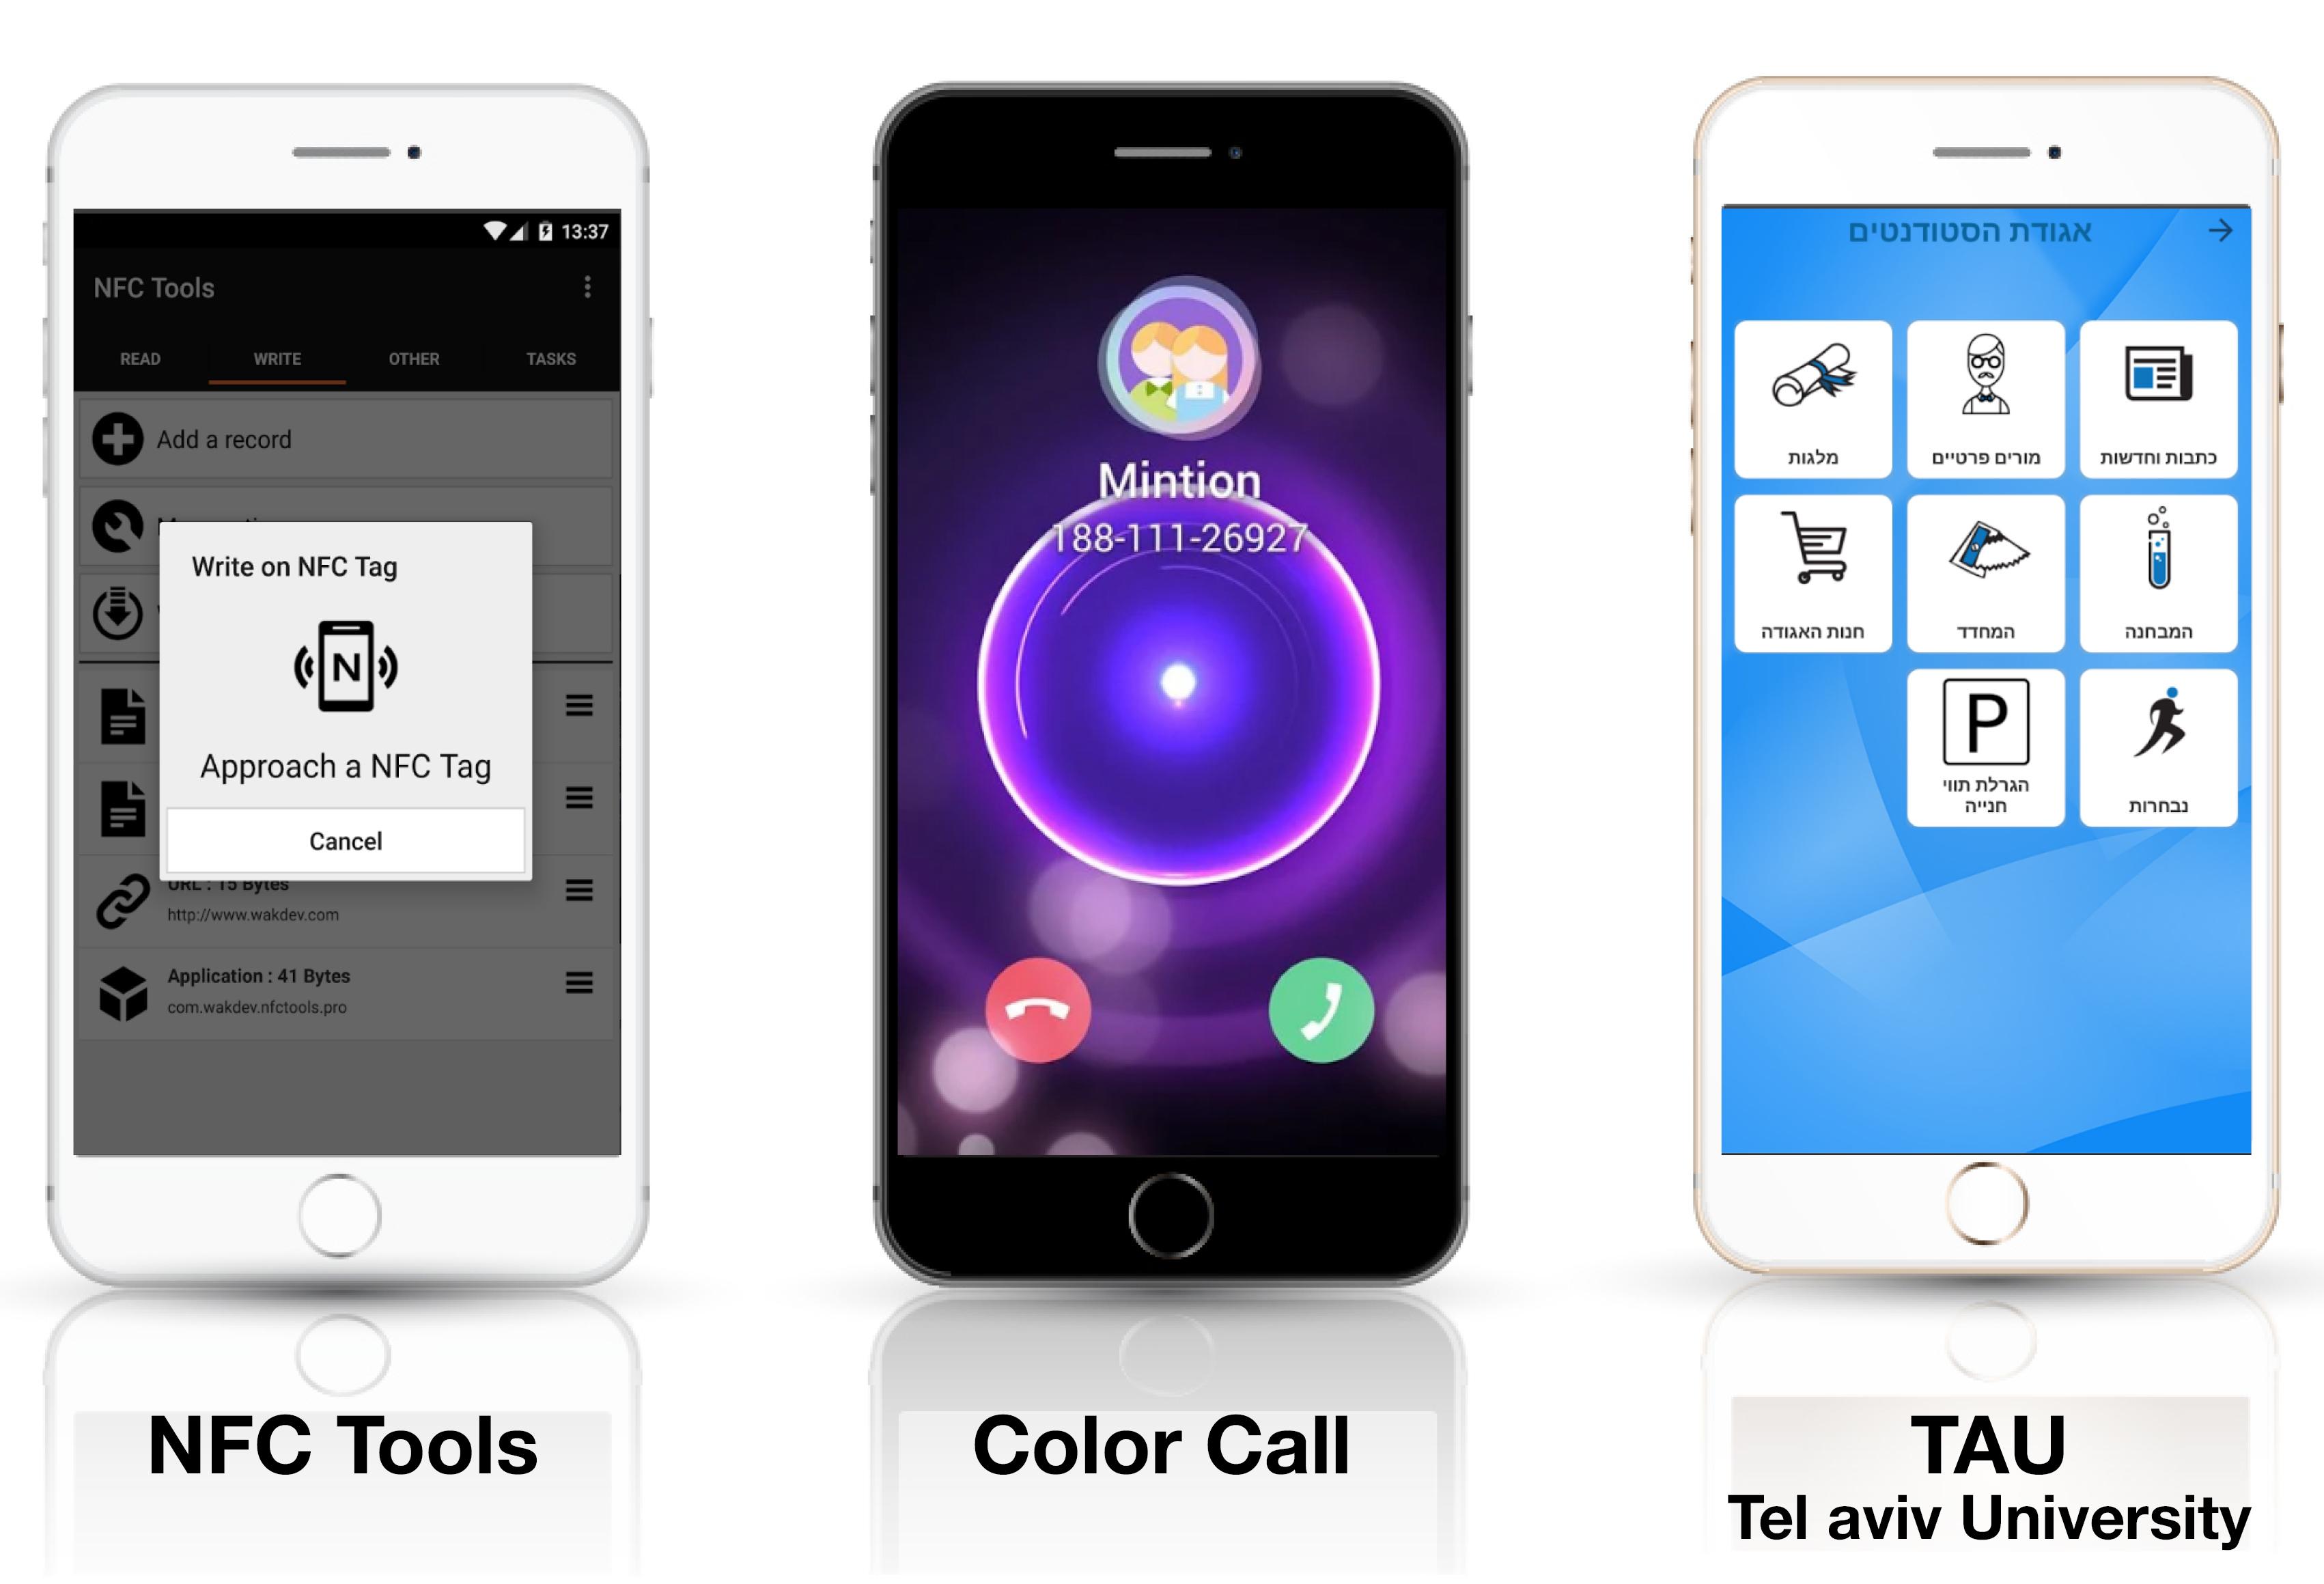 Приложения NFC Tools, Color Call и TAU